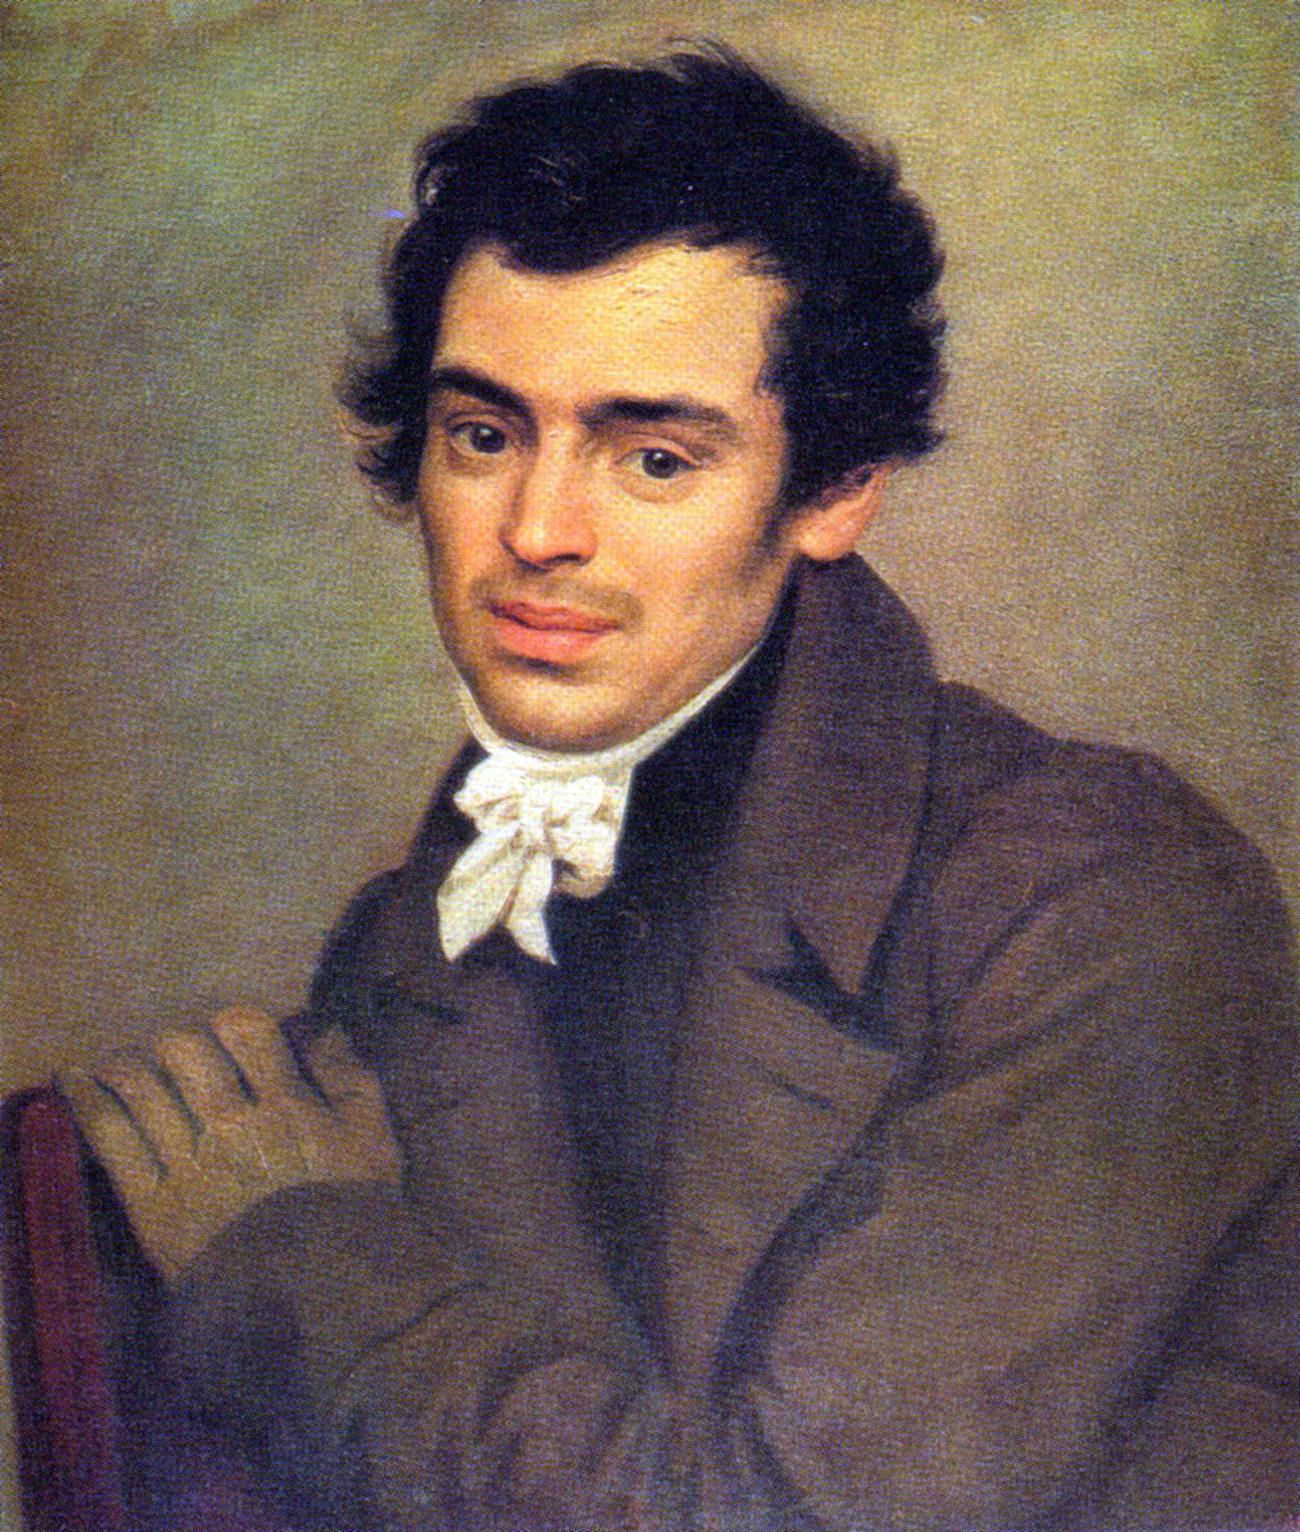 Der Architekt Konstantin Ton war maßgeblich am Bau der Bahnhöfe beteiligt. Porträt von Karl Brjullow.